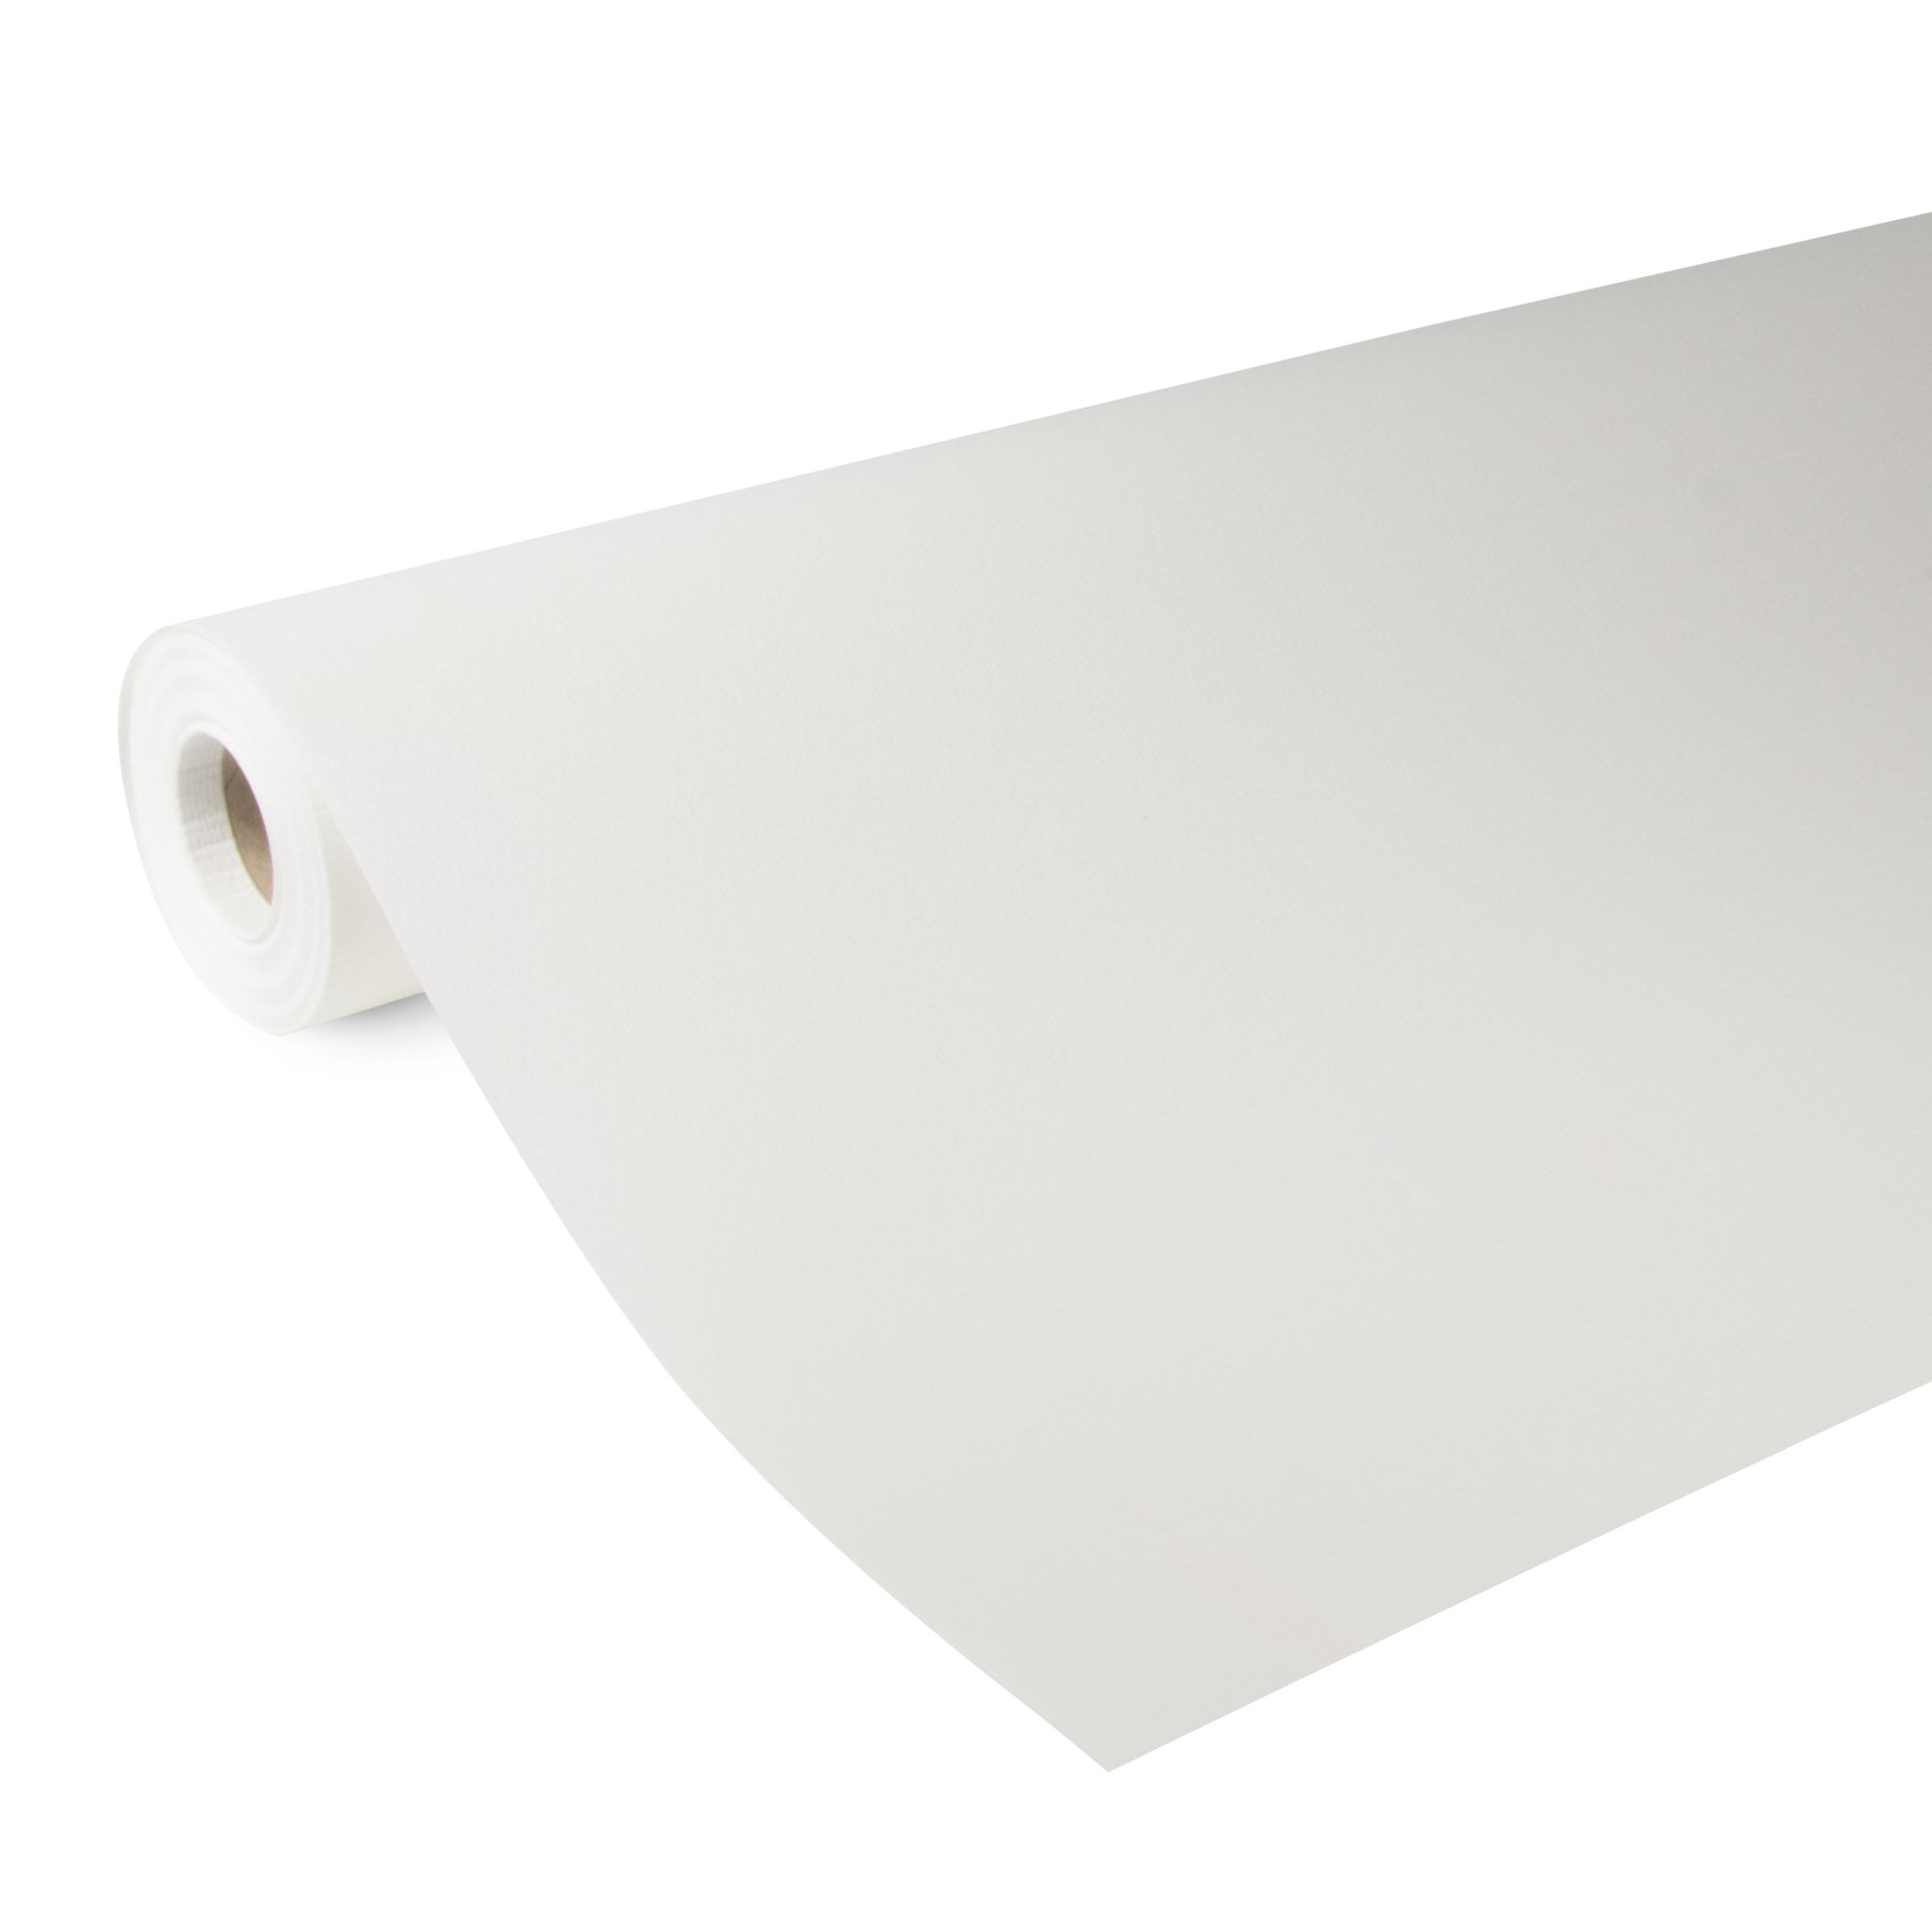 Glasweefselbehang ruit fijn voorgeschilderd wit 25 m (dessin GW102-25)